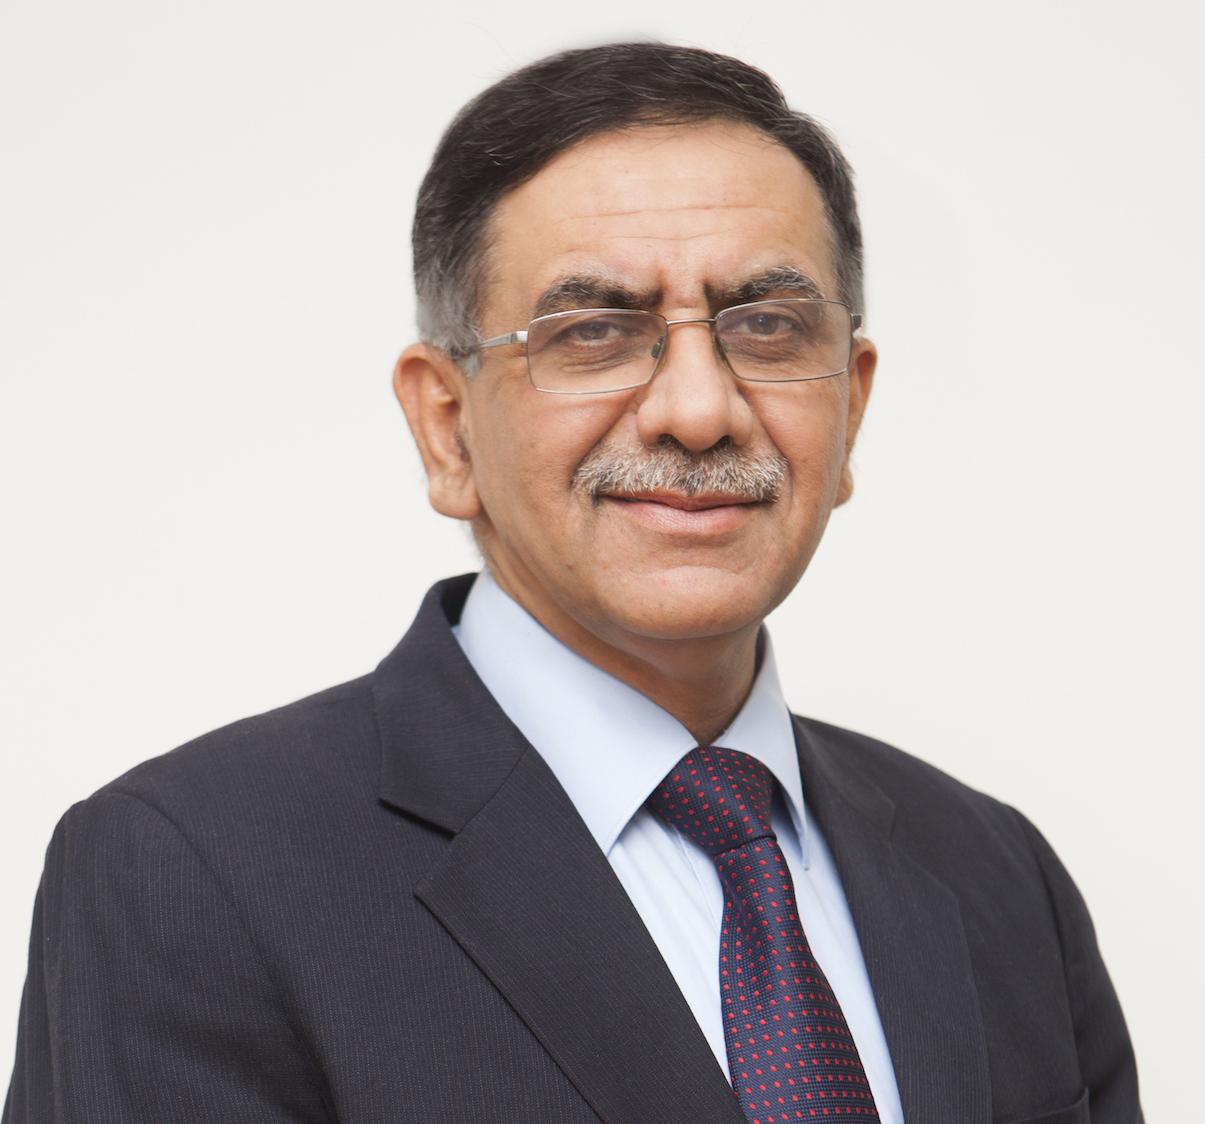 Mr Sanjiv  Chadha, UK Regional Head of State Bank of India